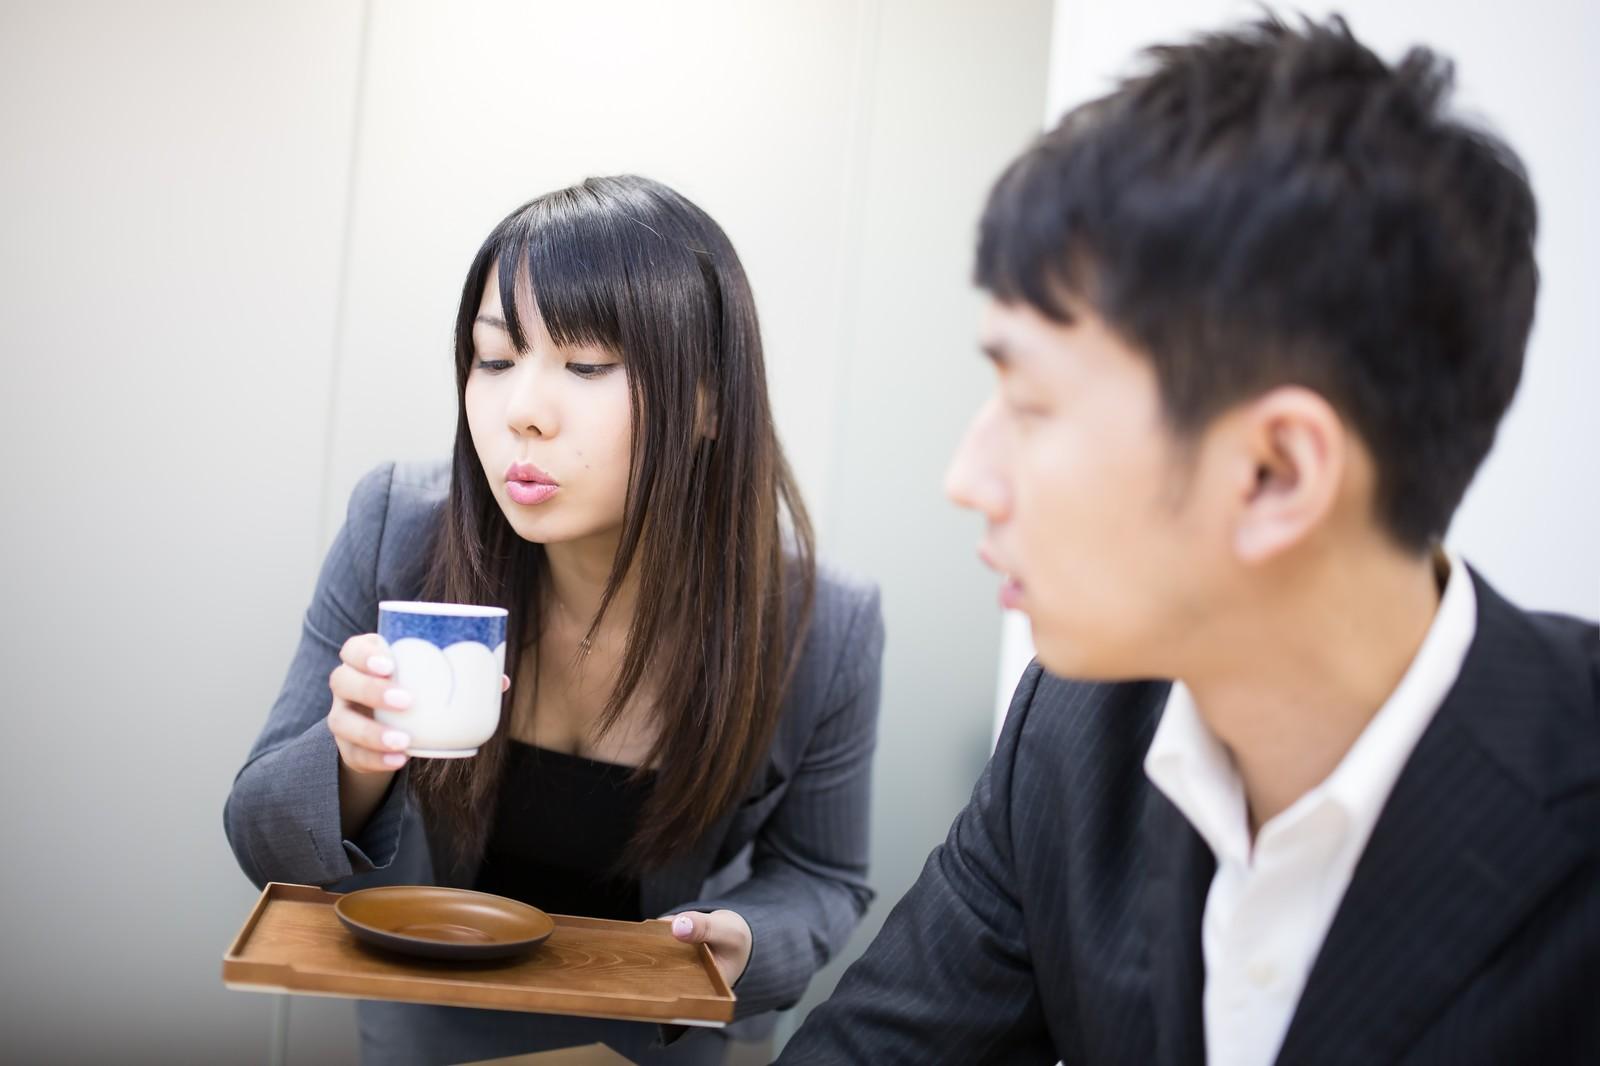 お茶に含まれる健康成分には、どのような効果があるのでしょうか?